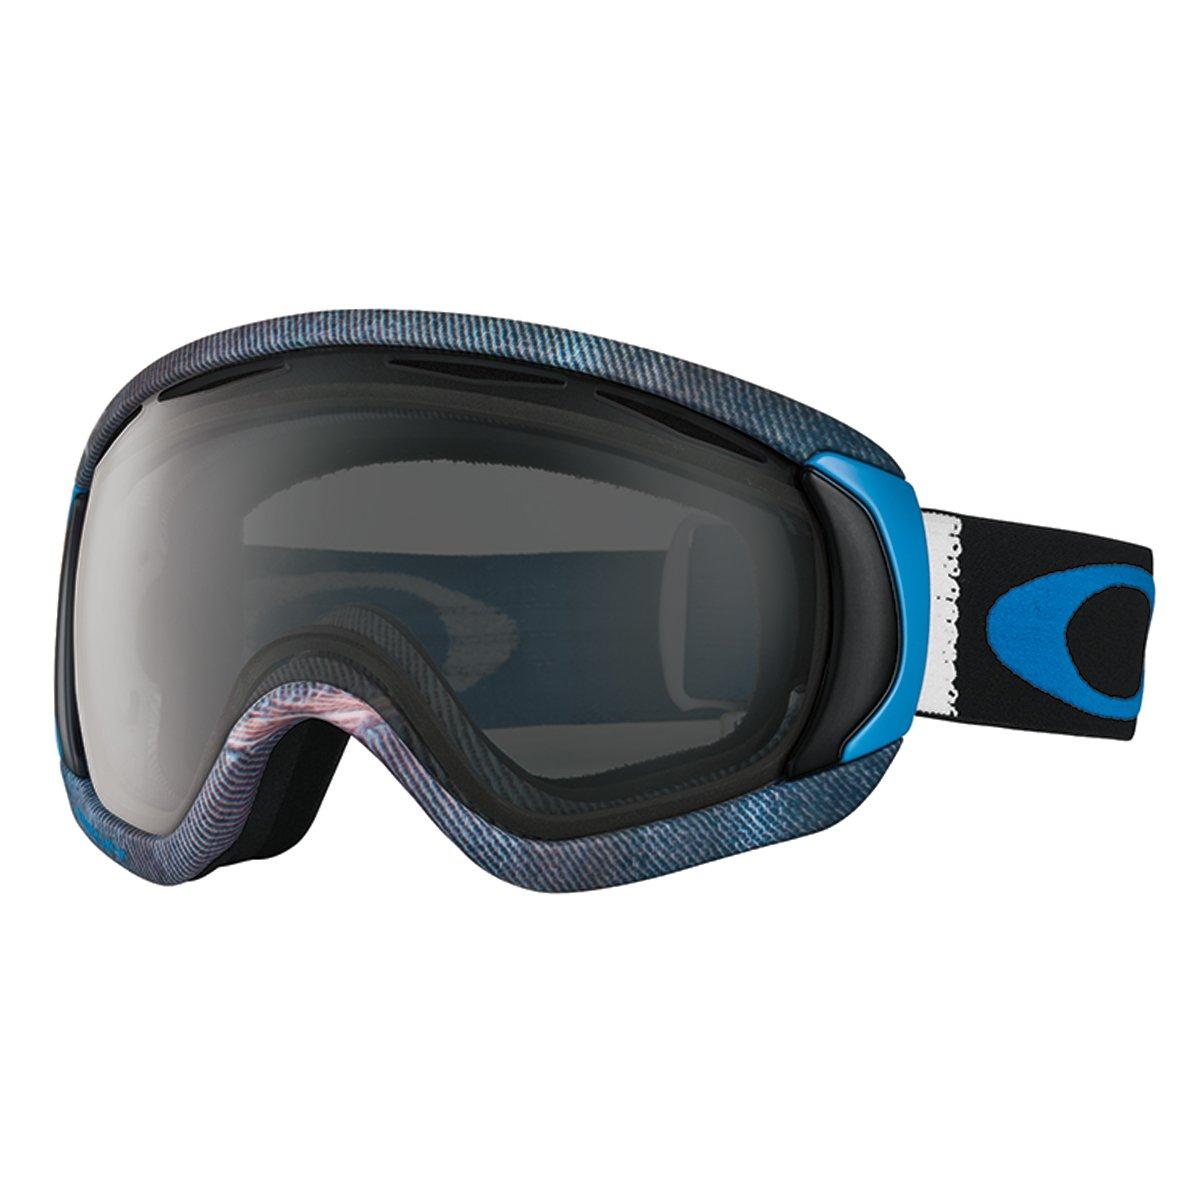 eyewear outlet oakley  oakley oo7047-23 canopy